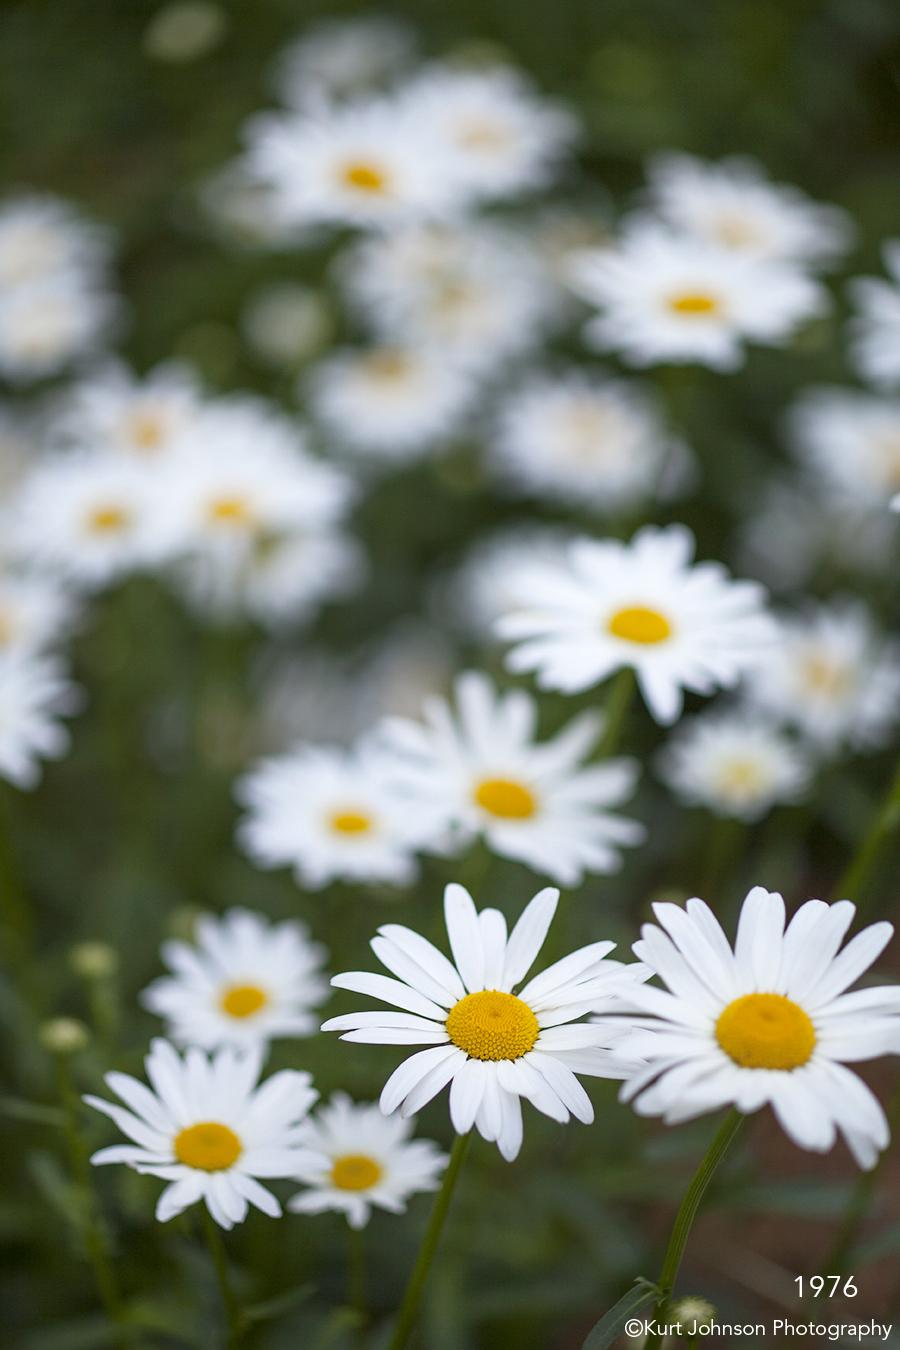 1976 kurt johnson photography flower flowers daisies daisy white izmirmasajfo